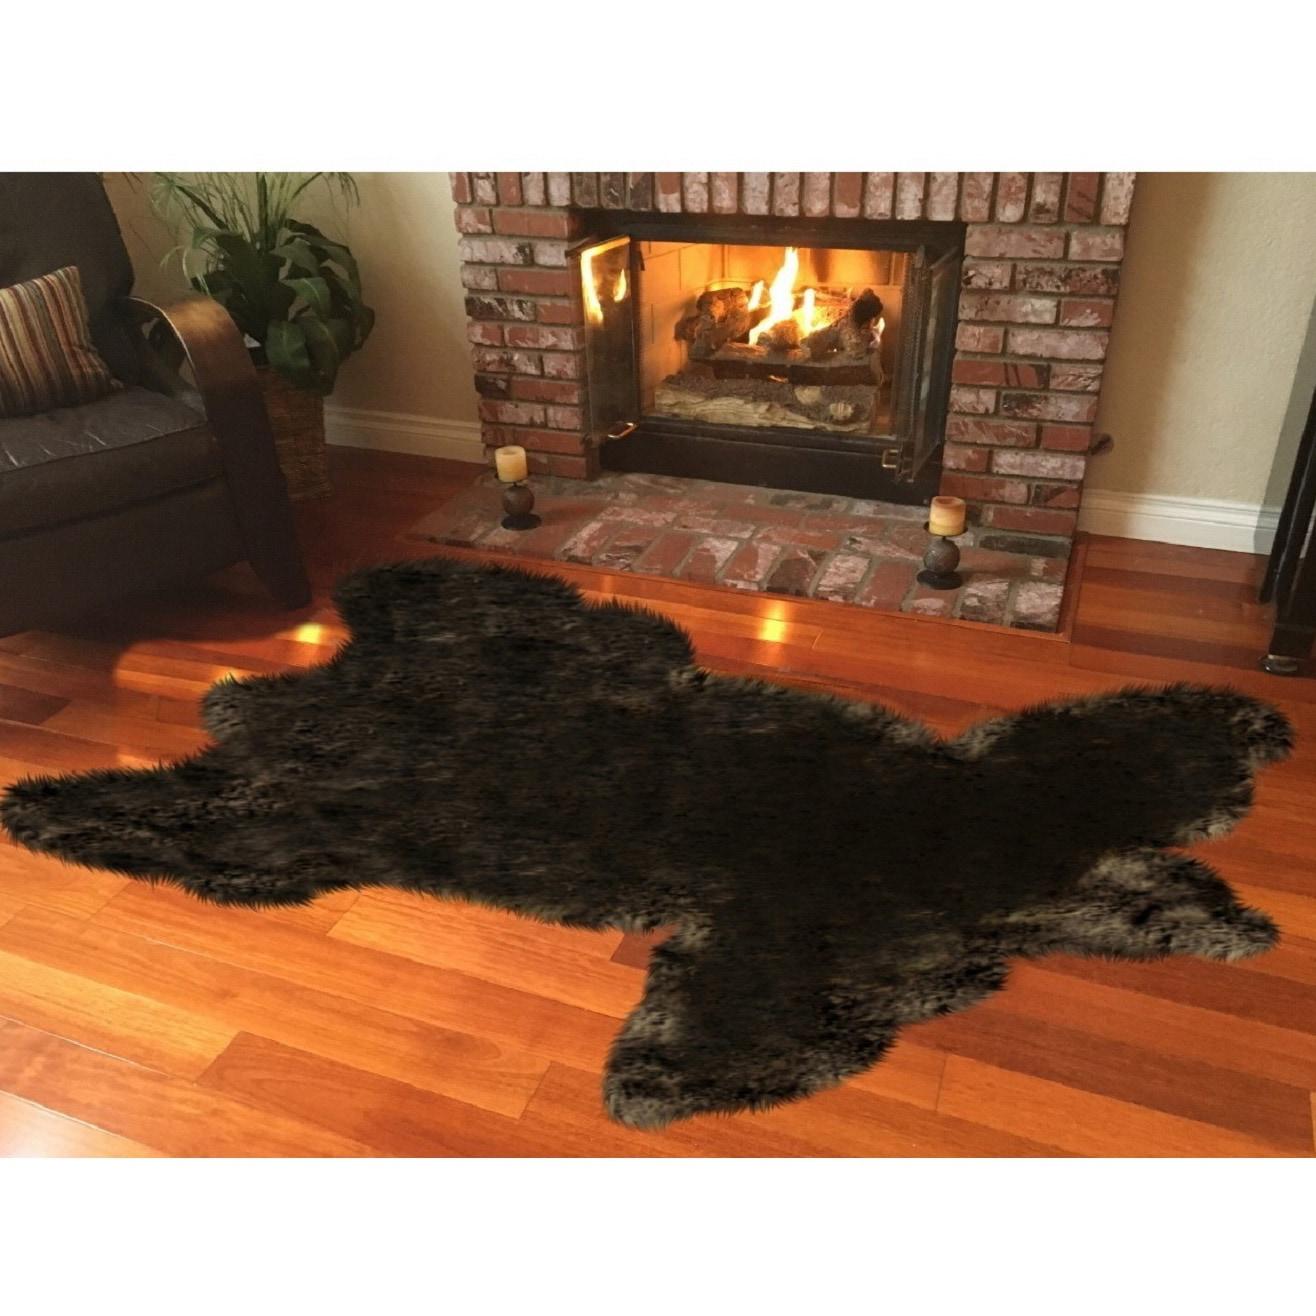 Spectrum Legacy Faux Fur Animal Skin Shag Rug (4' x 6') -...